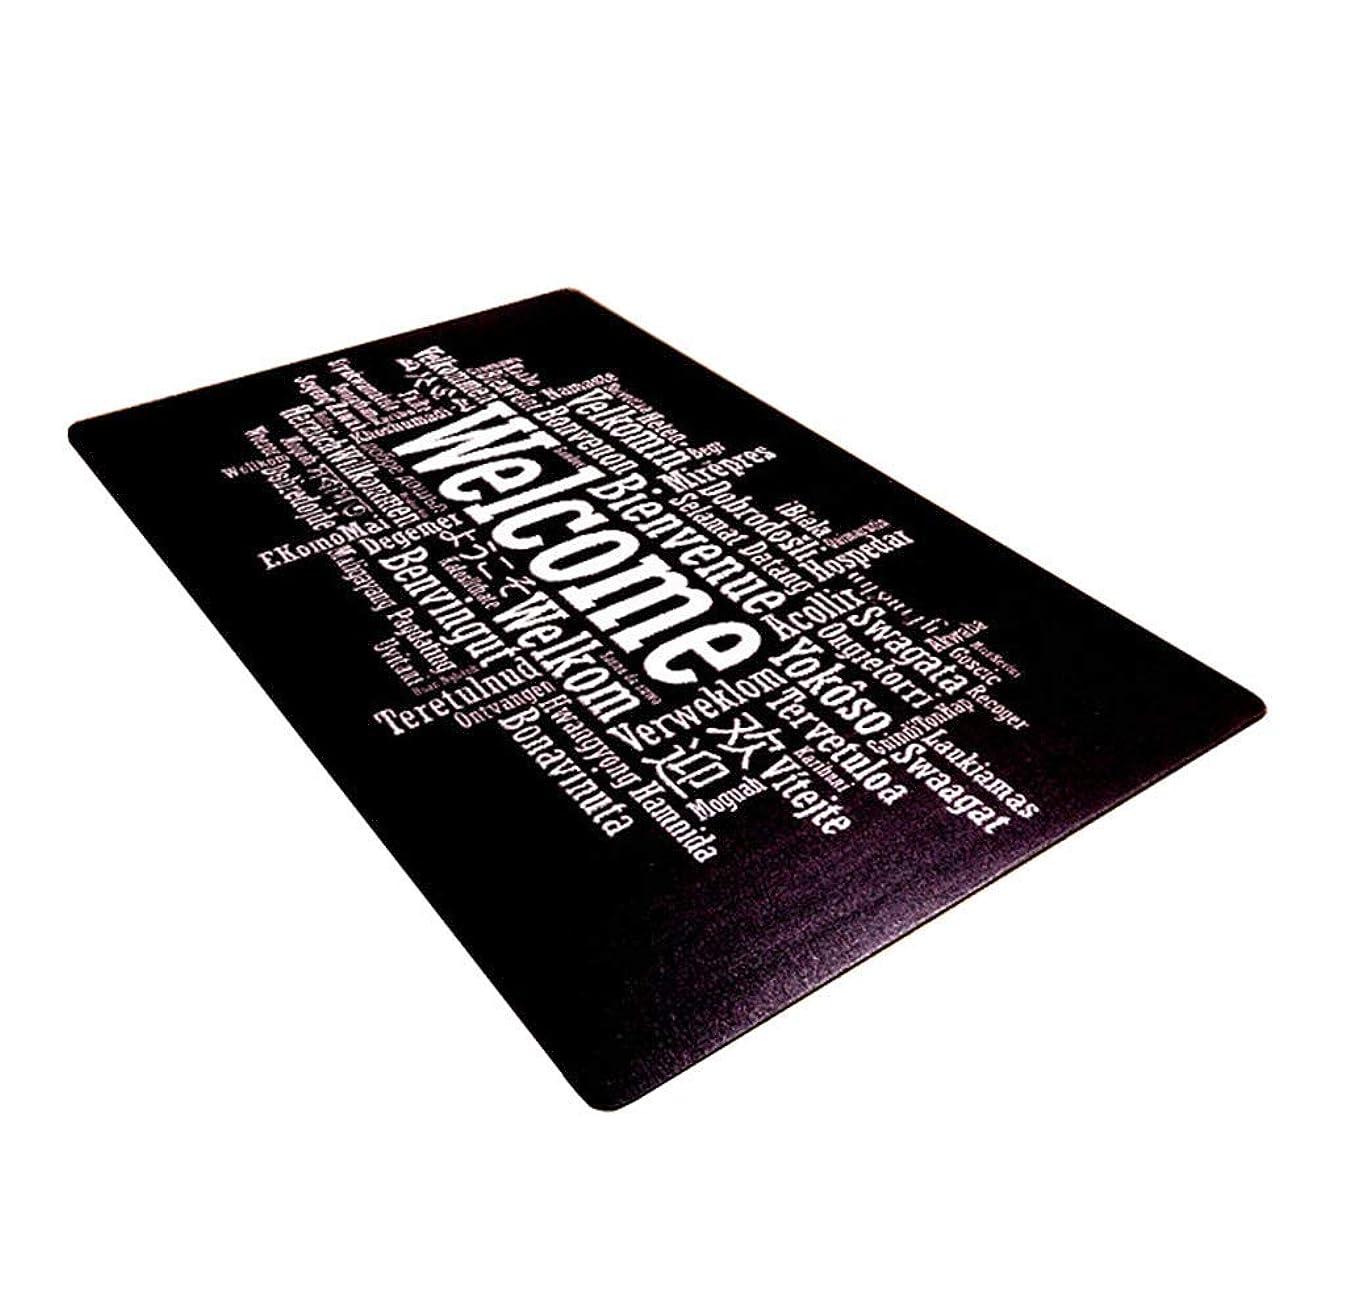 磁気ショップ葉っぱ現代のカーペット、リビングルームの寝室オフィスコーヒーテーブルコンピュータチェアベッドカーペットタイルのための黒のクリエイティブウェルカムプリント毛皮のようなスリップ耐久性のあるソフト、(サイズ:80×130 cm) AI LI WEI (サイズ さいず : 200×300cm)